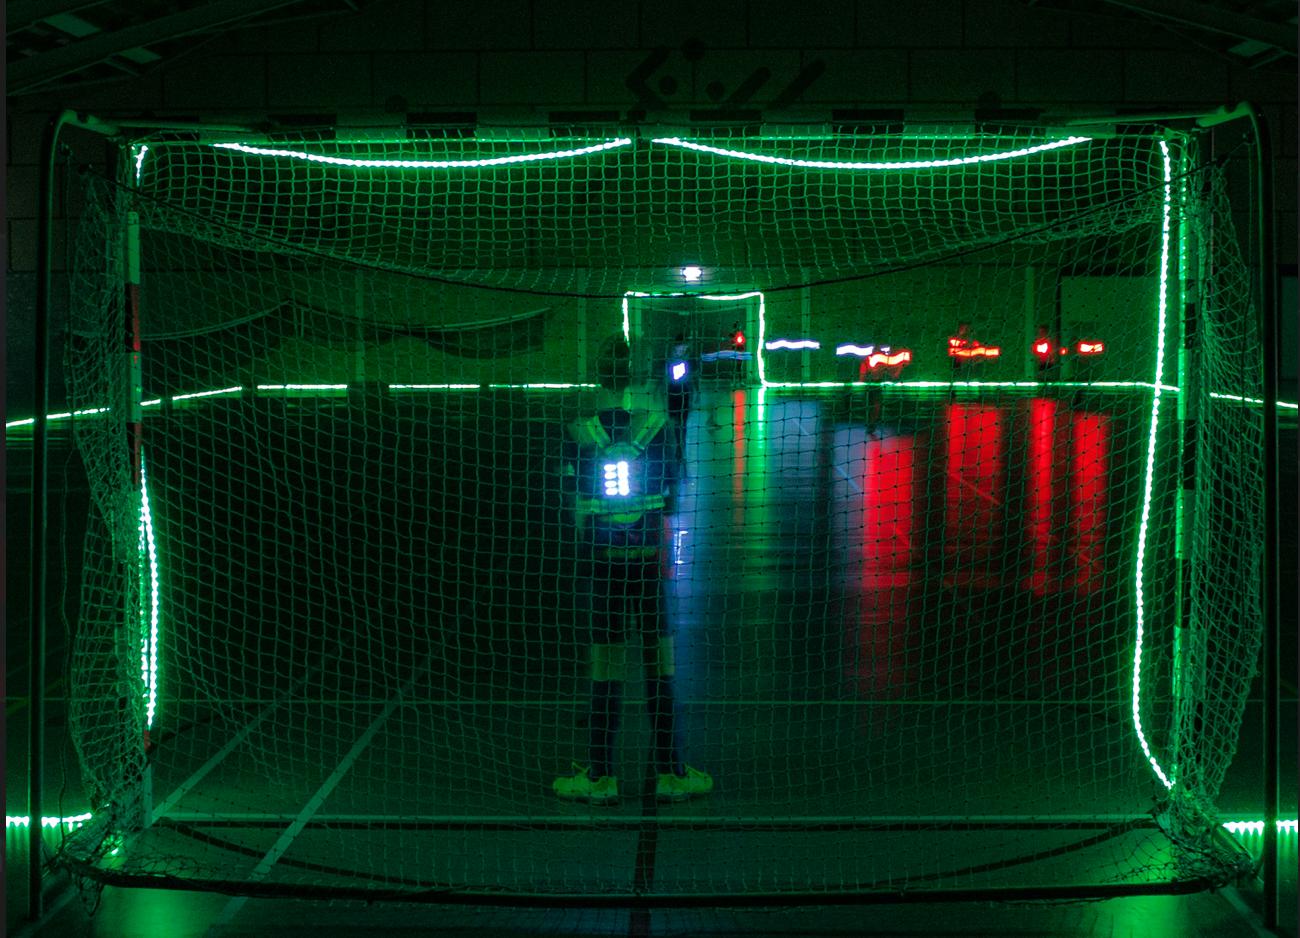 Voetballen in het donker: Update